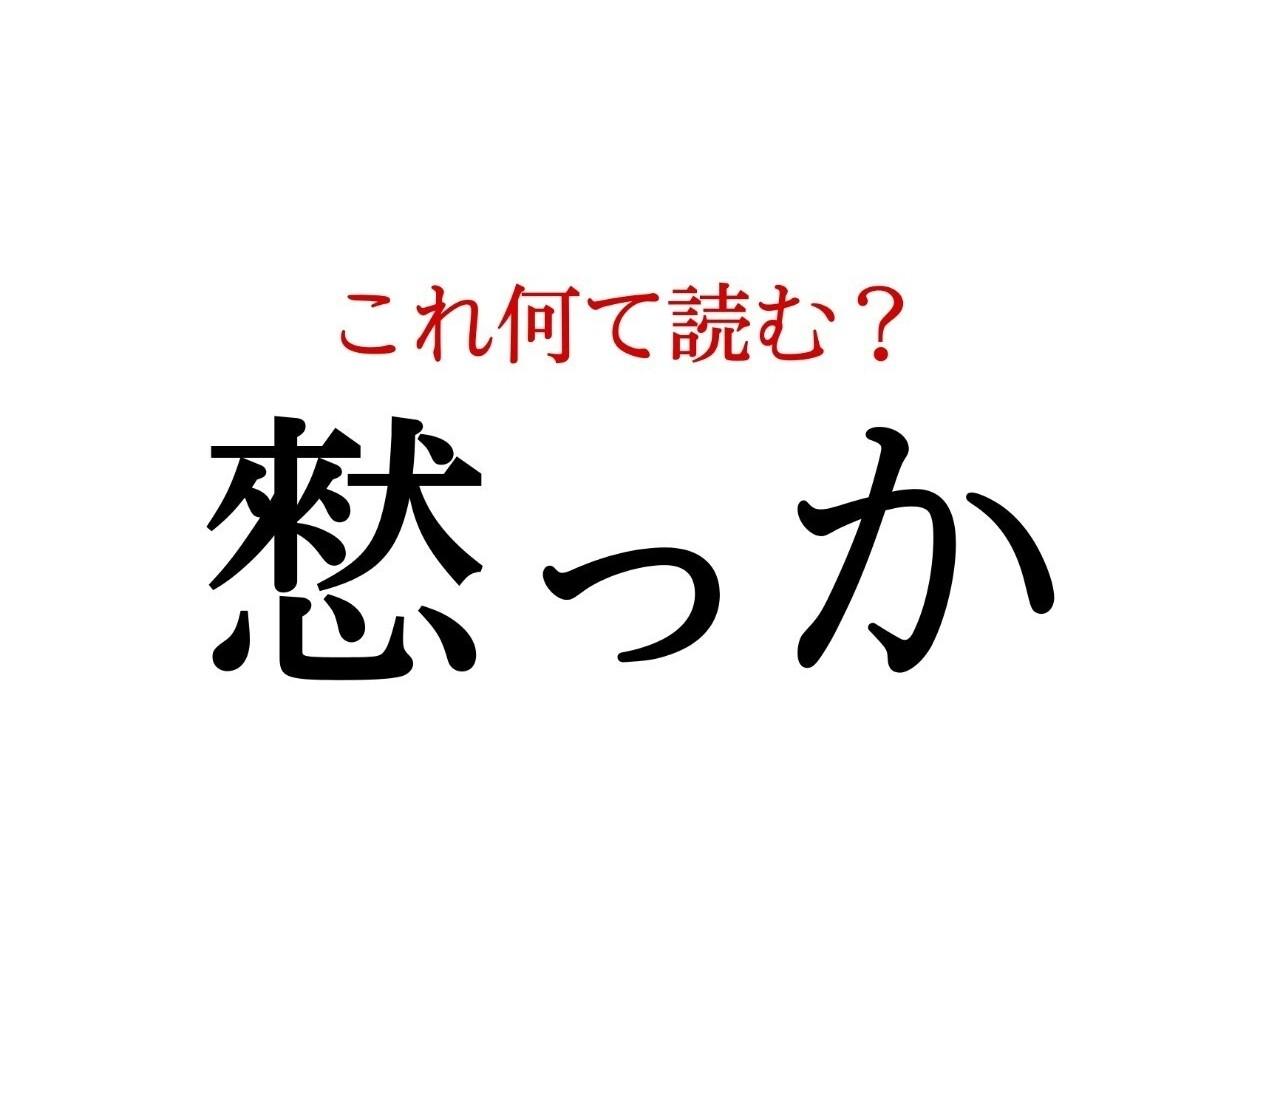 「憖っか」:この漢字、自信を持って読めますか?【働く大人の漢字クイズvol.287】